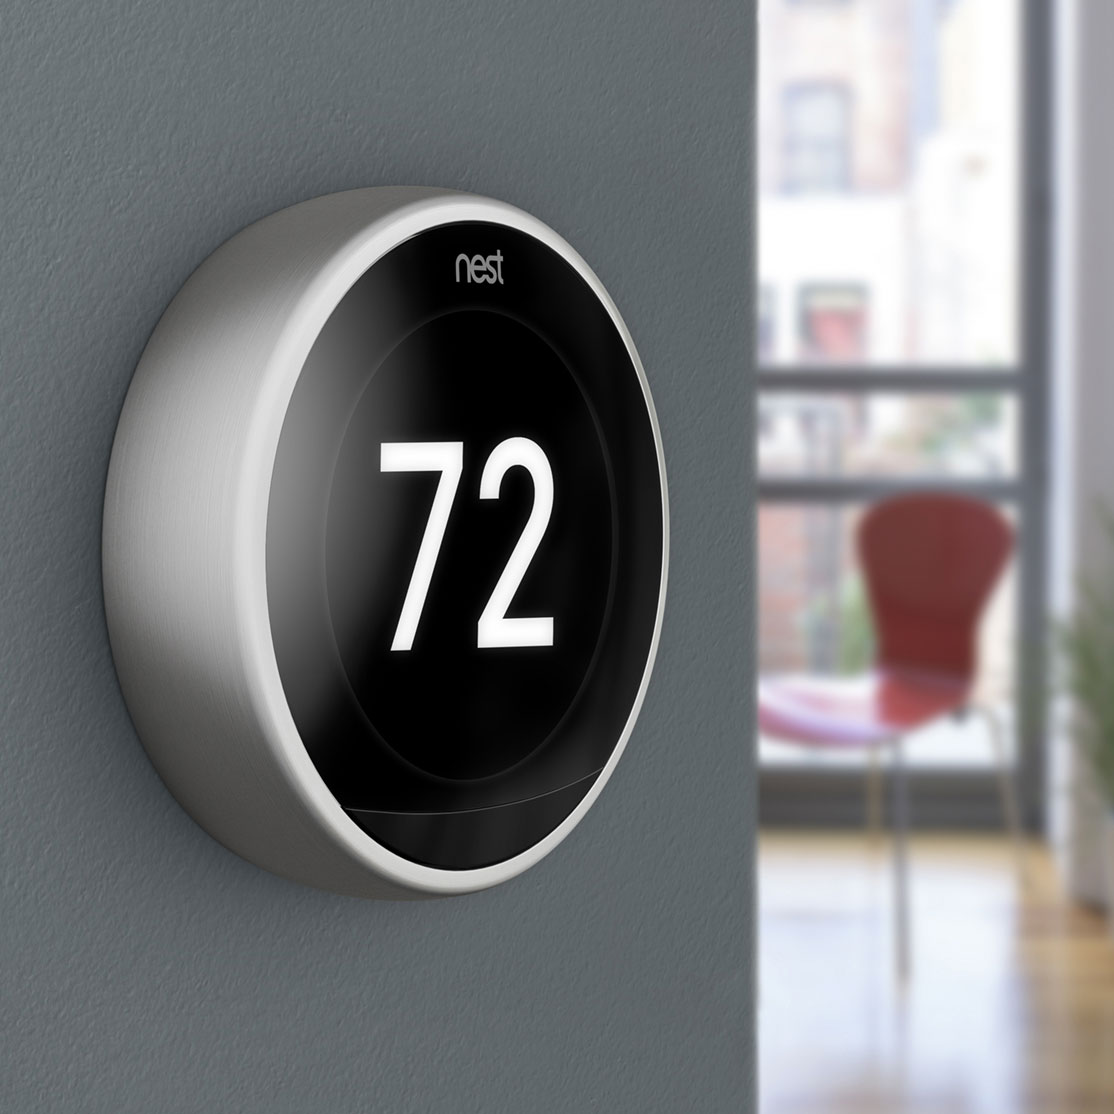 Nest di 3a generazione: il termostato smart diventa più bello e funzionale (video)